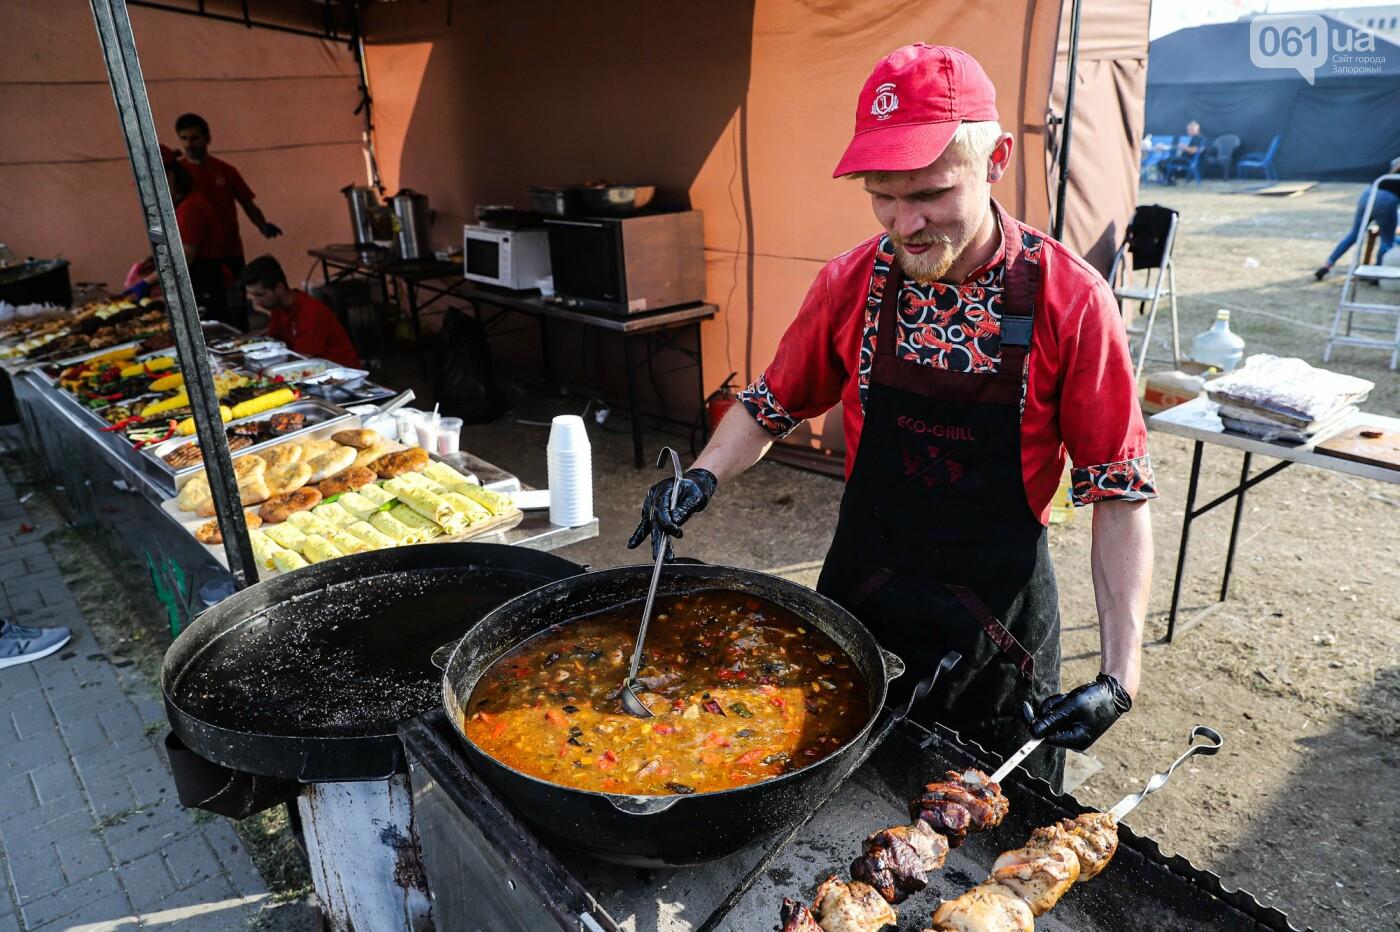 Бограч в хлебных горшочках и мясо из уникальной печи: что нового на фестивале уличной еды в Запорожье, - ФОТОРЕПОРТАЖ, фото-1